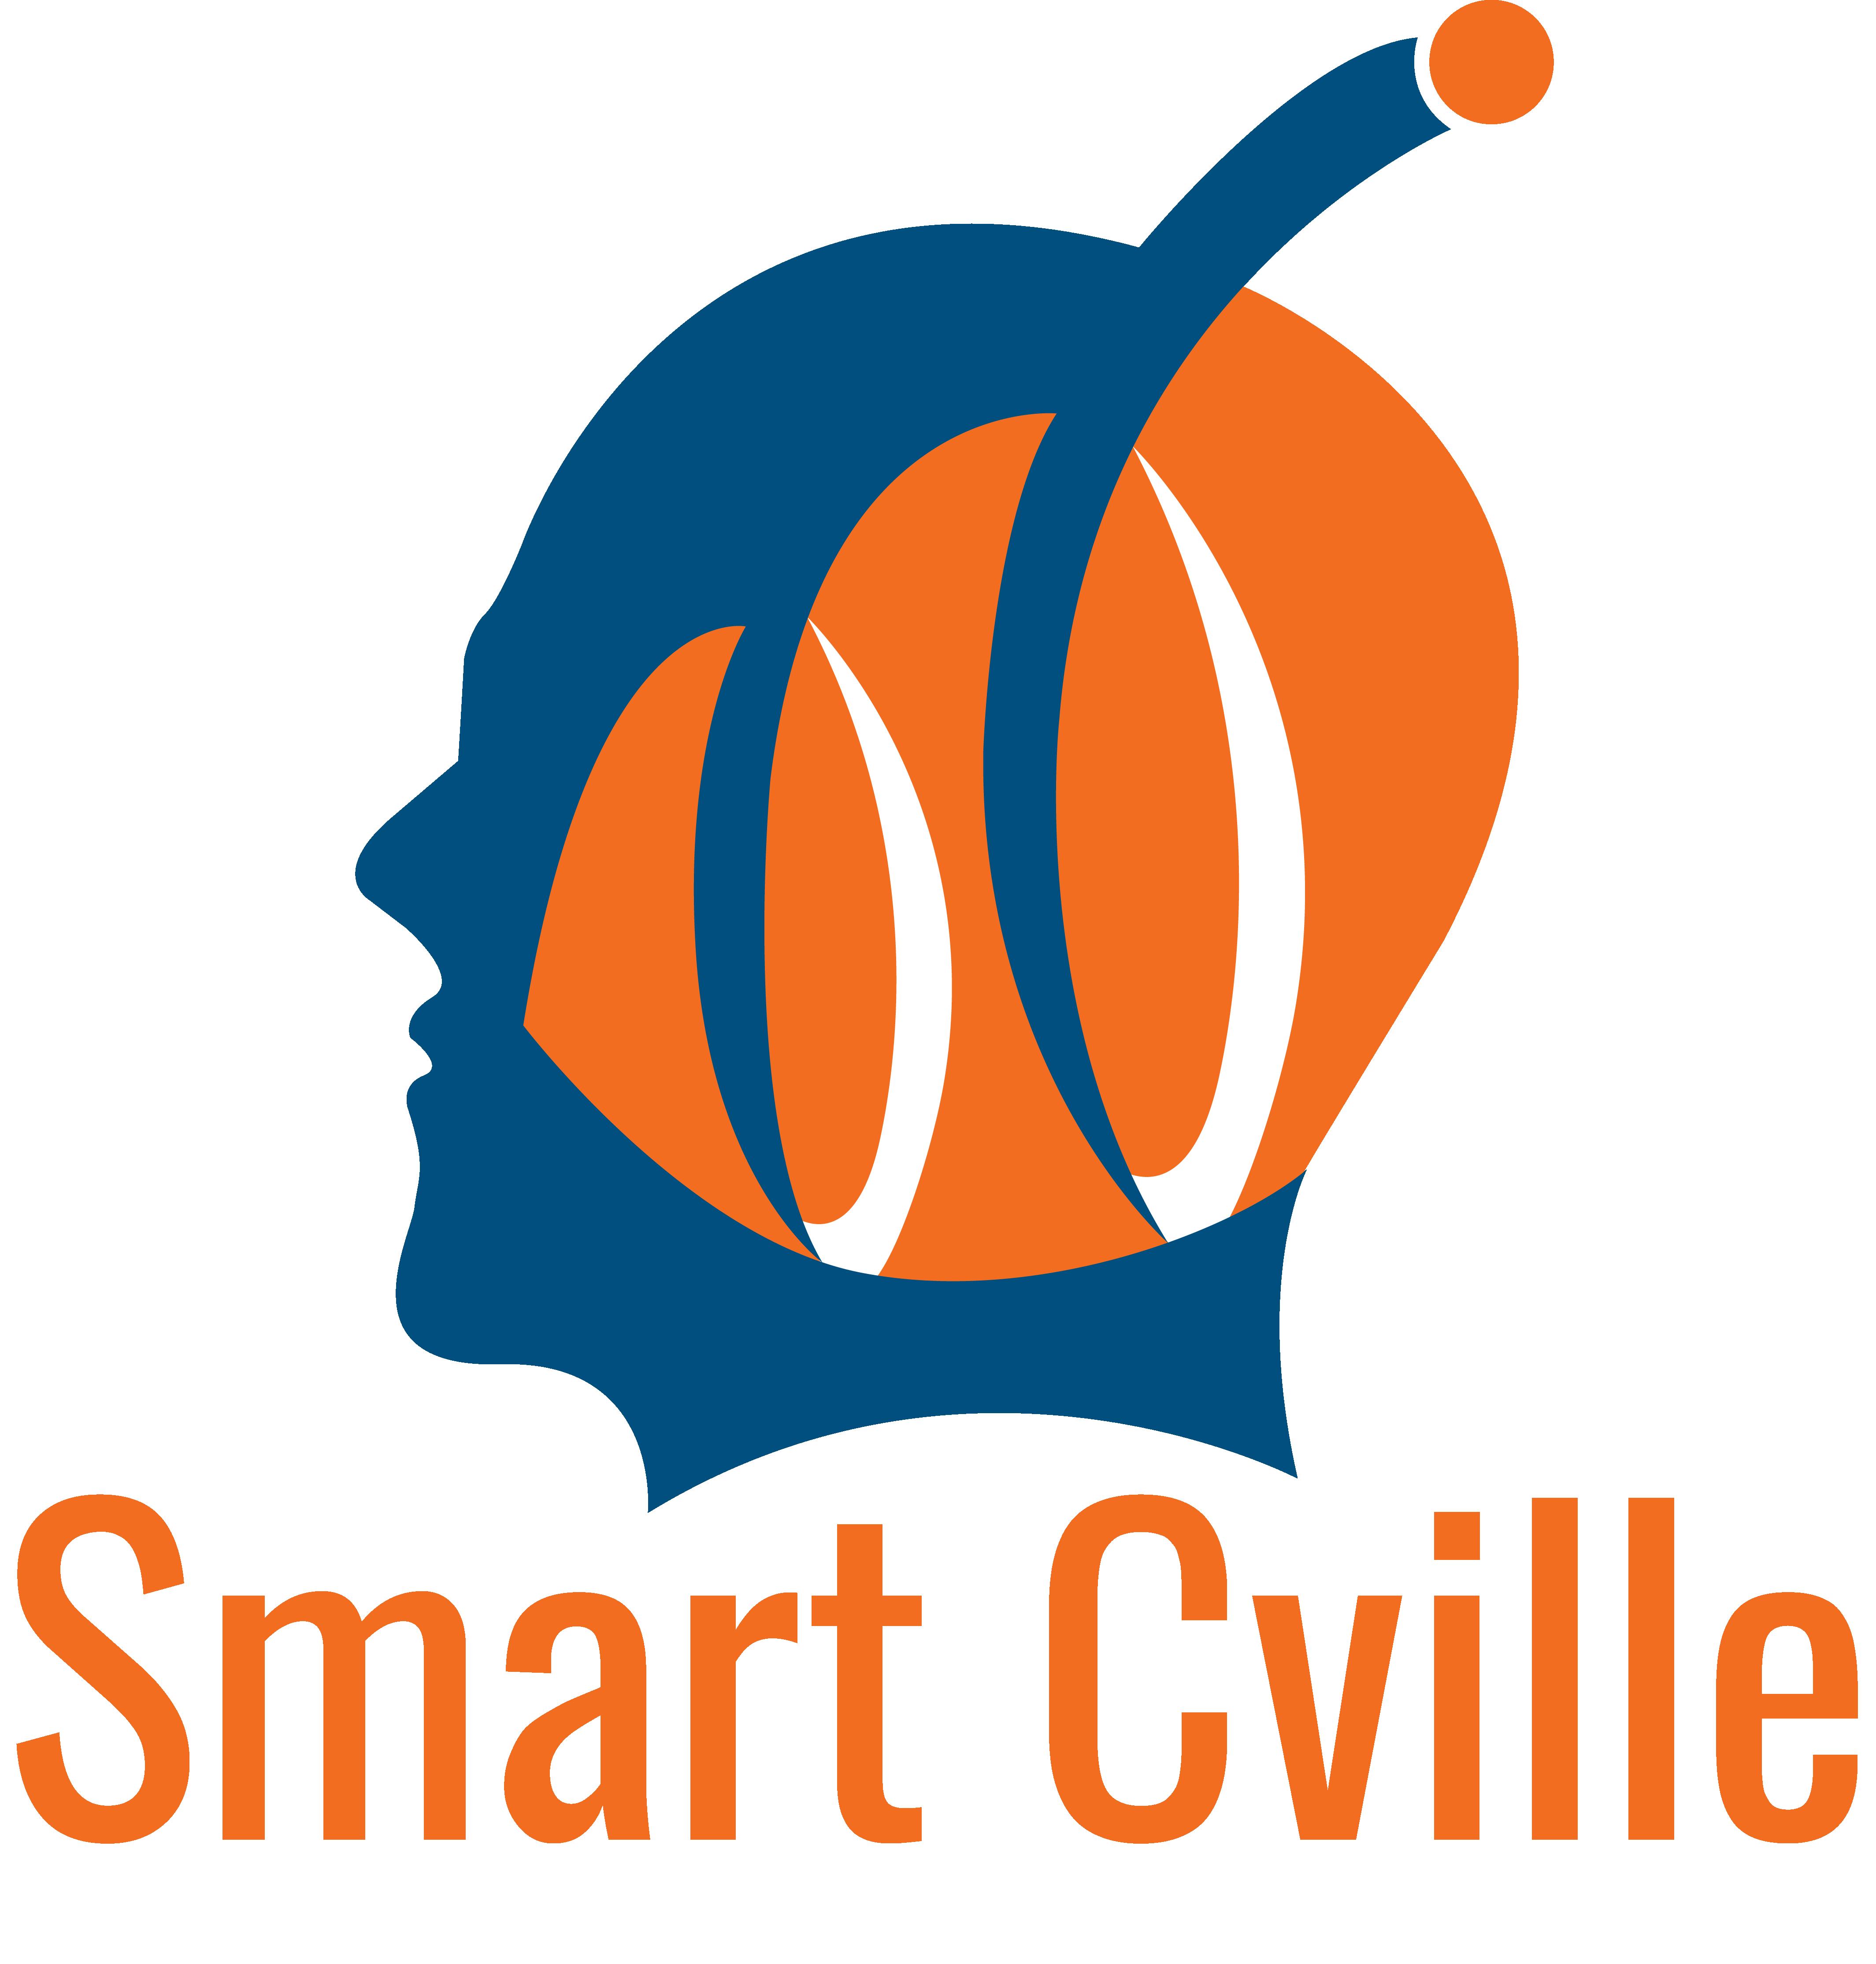 Smart Cville